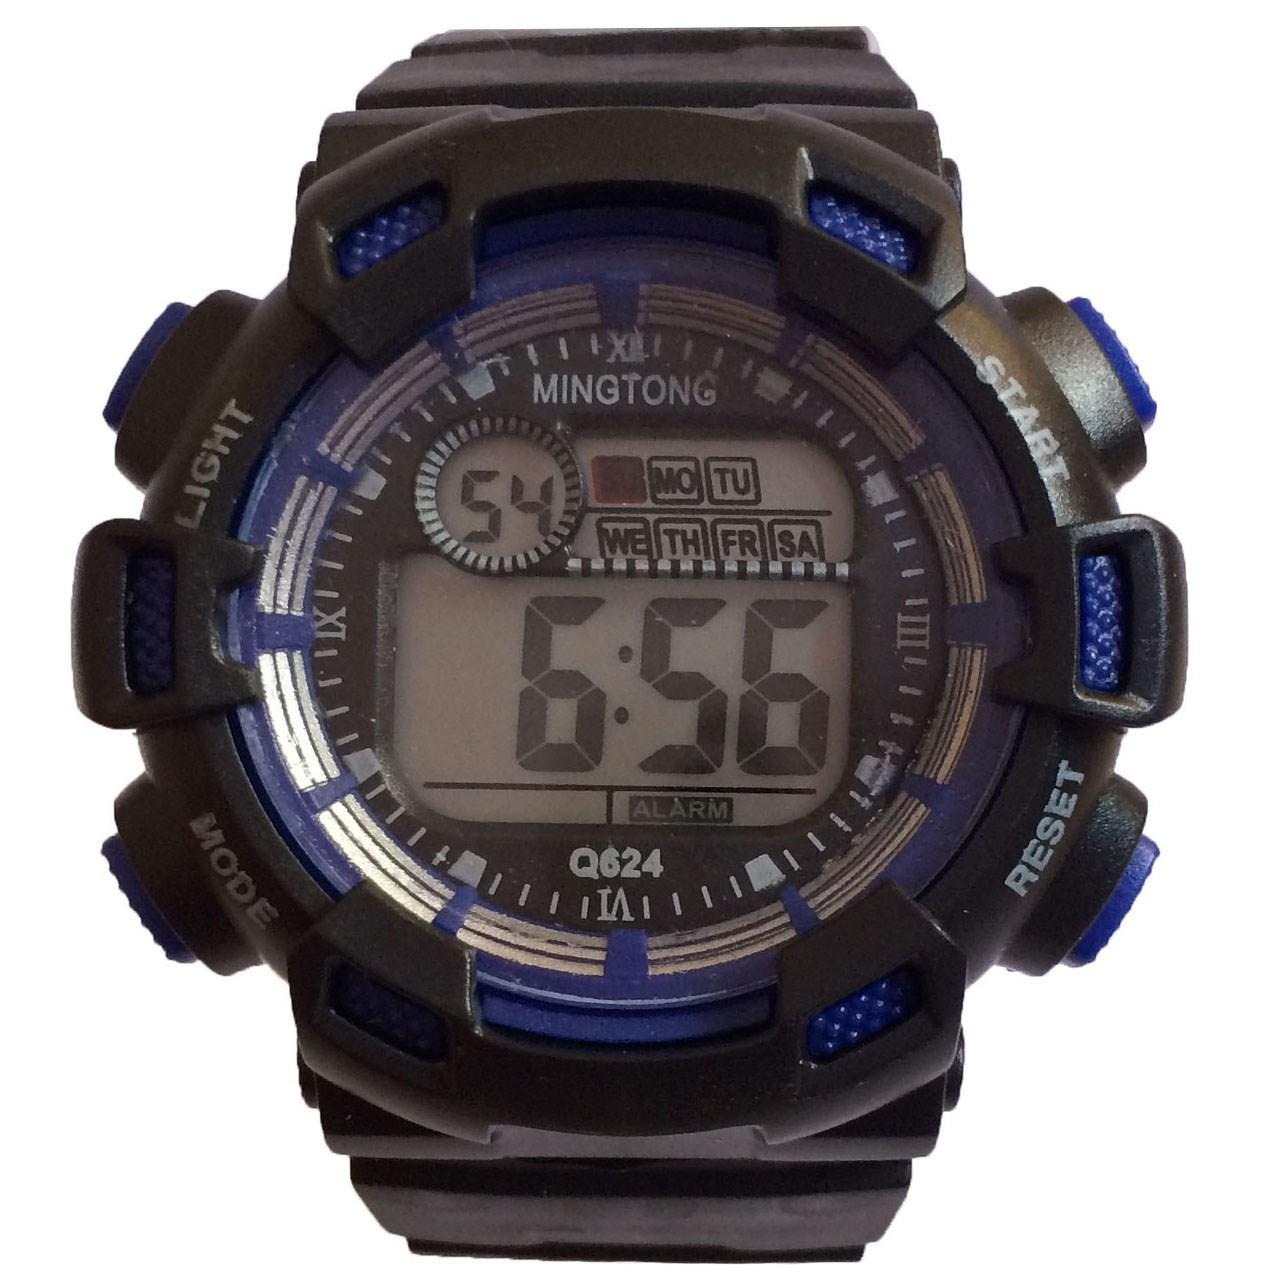 ساعت مچی دیجیتالی مینگ تانگ کد 02             قیمت